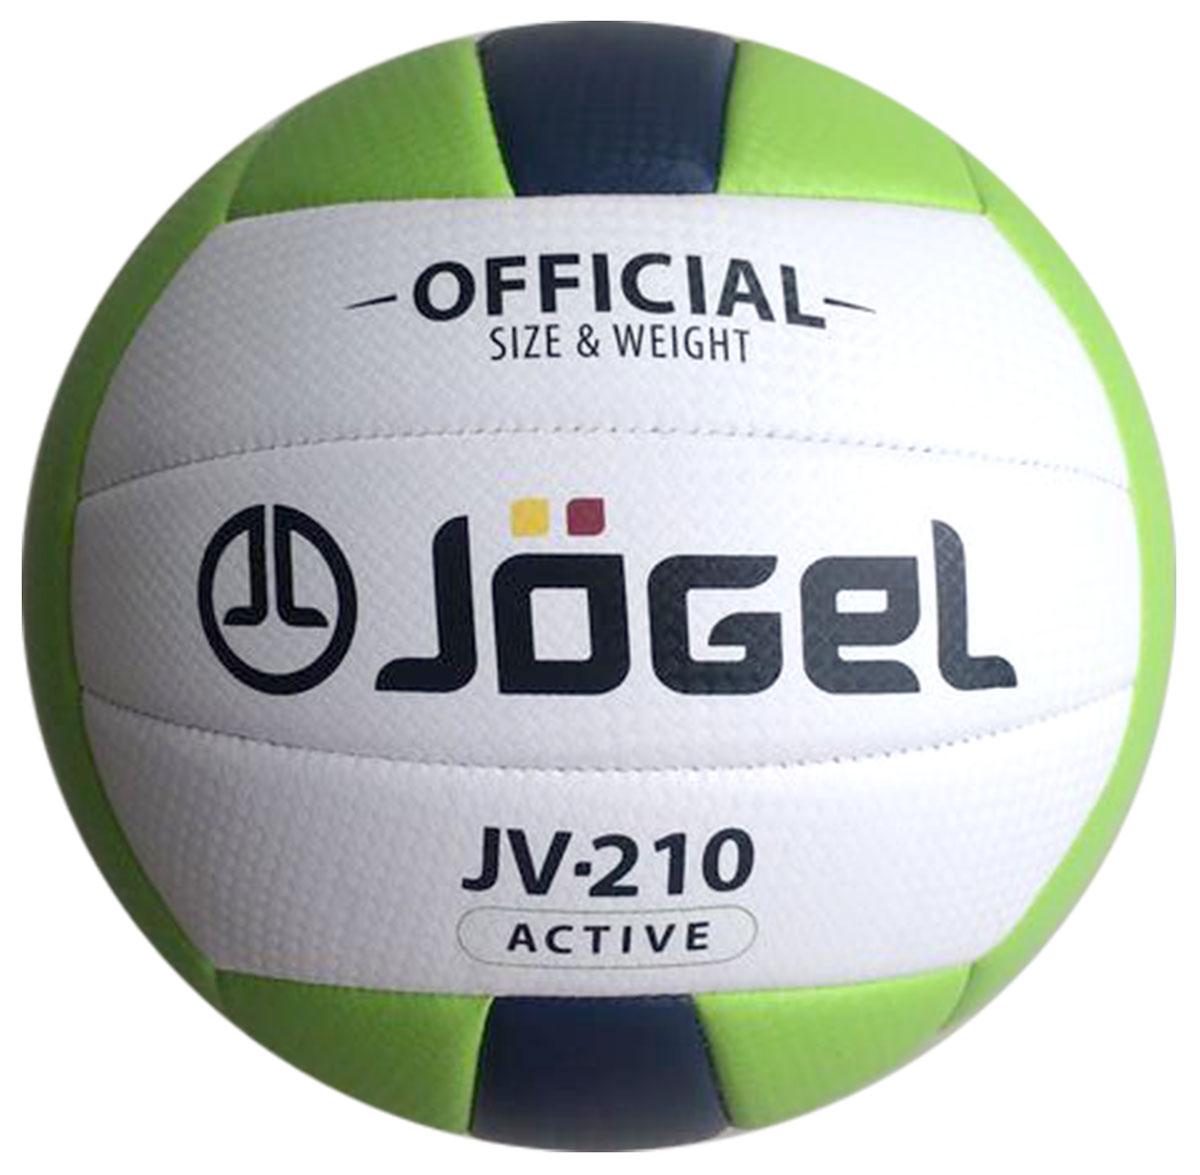 Мяч волейбольный Jogel, цвет: зеленый, темно-синий. Размер 5. JV-210УТ-00009340Любительский волейбольный мяч Jogel предназначен для классического волейбола или активного отдыха. Благодаря своей мягкой поверхности он часто используется в качестве мяча для пляжного волейбола.Покрышка мяча выполнена из текстурной мягкой синтетической кожи (поливинилхлорид) с увеличенной толщиной, за счет чего предотвращается появление синяков и ушибов на руках, даже при сильных ударах. Мяч состоит из 18 панелей, которые соединены между собой при помощи машинной сшивки и камера из бутила.Вес: 260-280 гр.Длина окружности: 65-67 см.Рекомендованное давление: 0.29-0.32 бар. УВАЖАЕМЫЕ КЛИЕНТЫ!Обращаем ваше внимание на тот факт, что мяч поставляется в сдутом виде. Насос в комплект не входит.